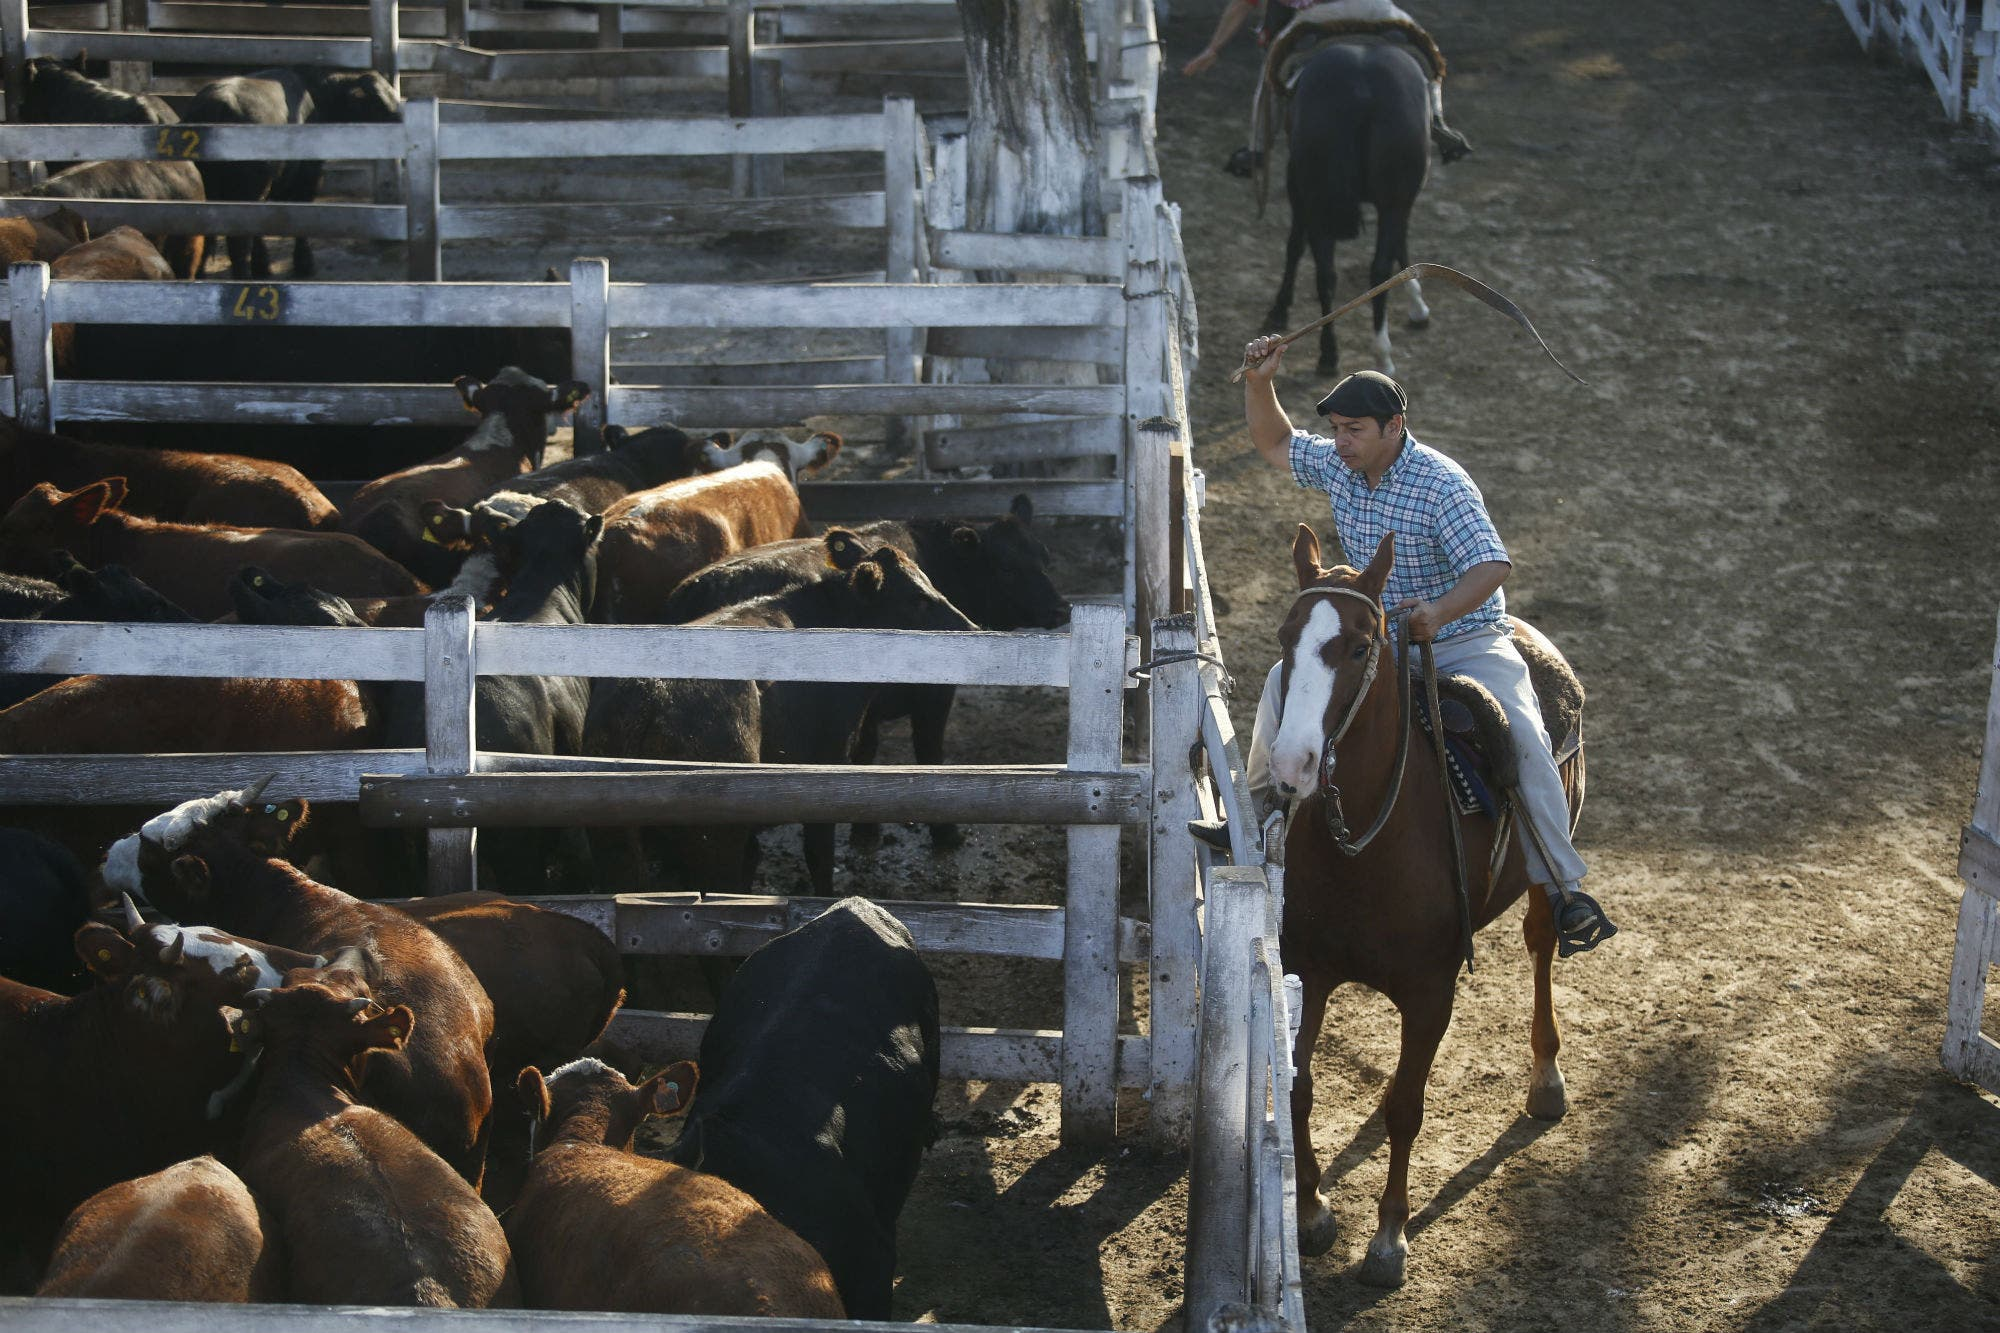 La semana cerró con saldo negativo para los indicadores ganaderos en el Mercado de Liniers